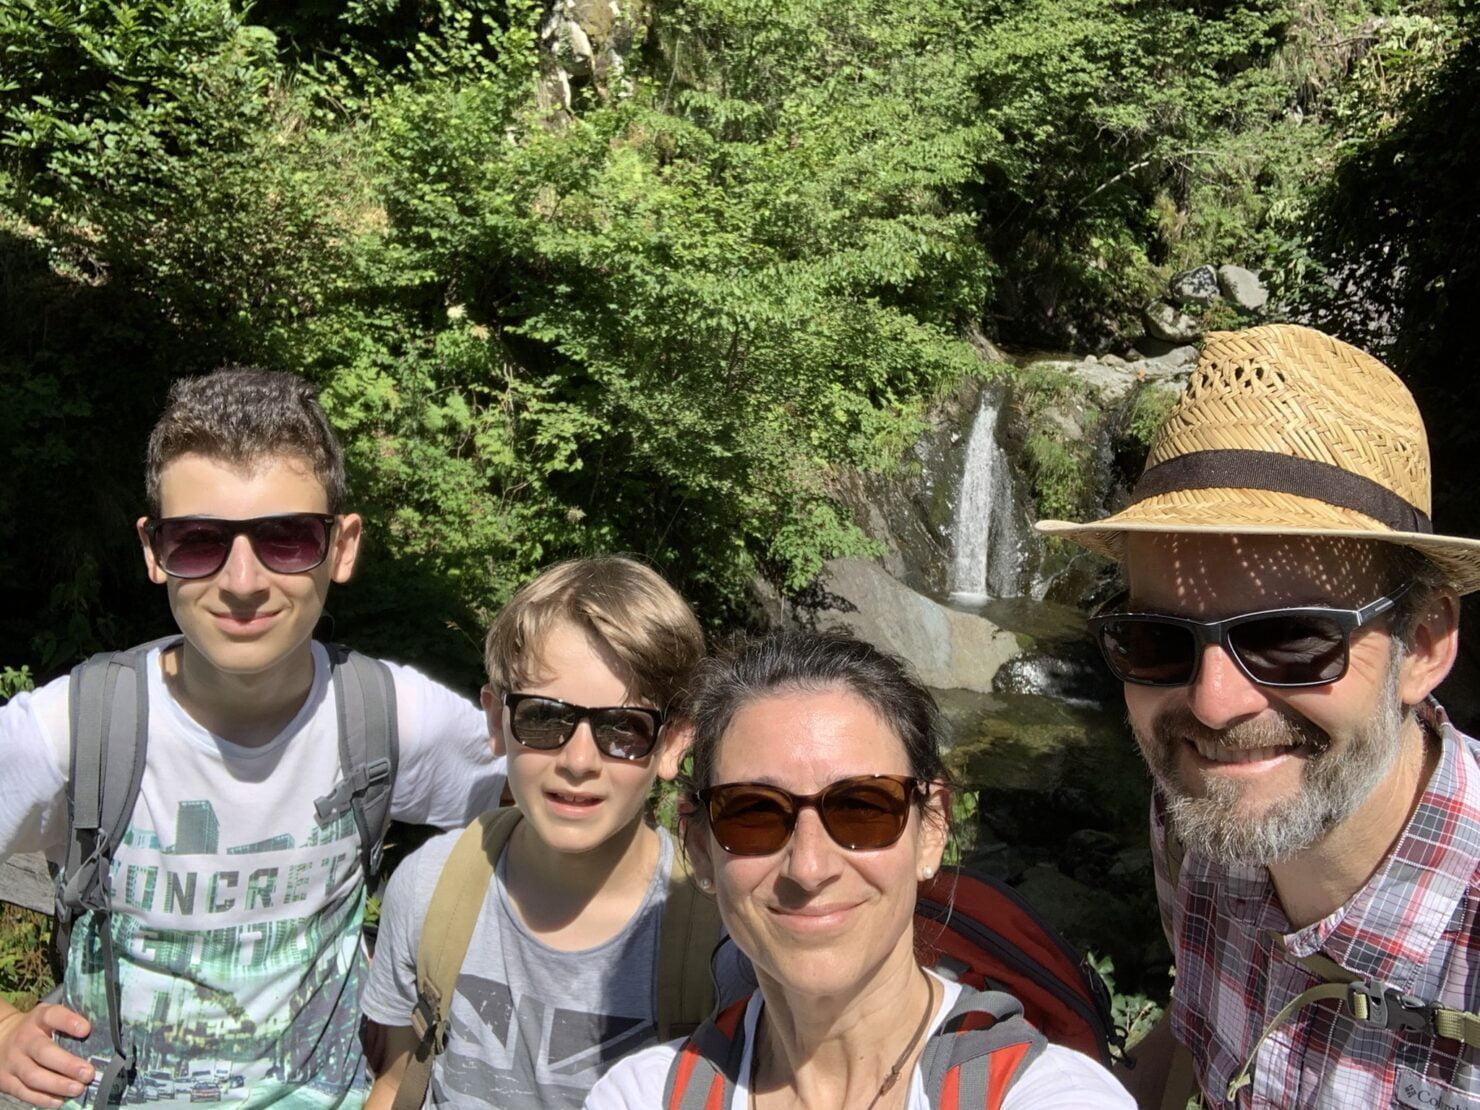 Tessin mit Familie - Locarno und Centovalli entdecken